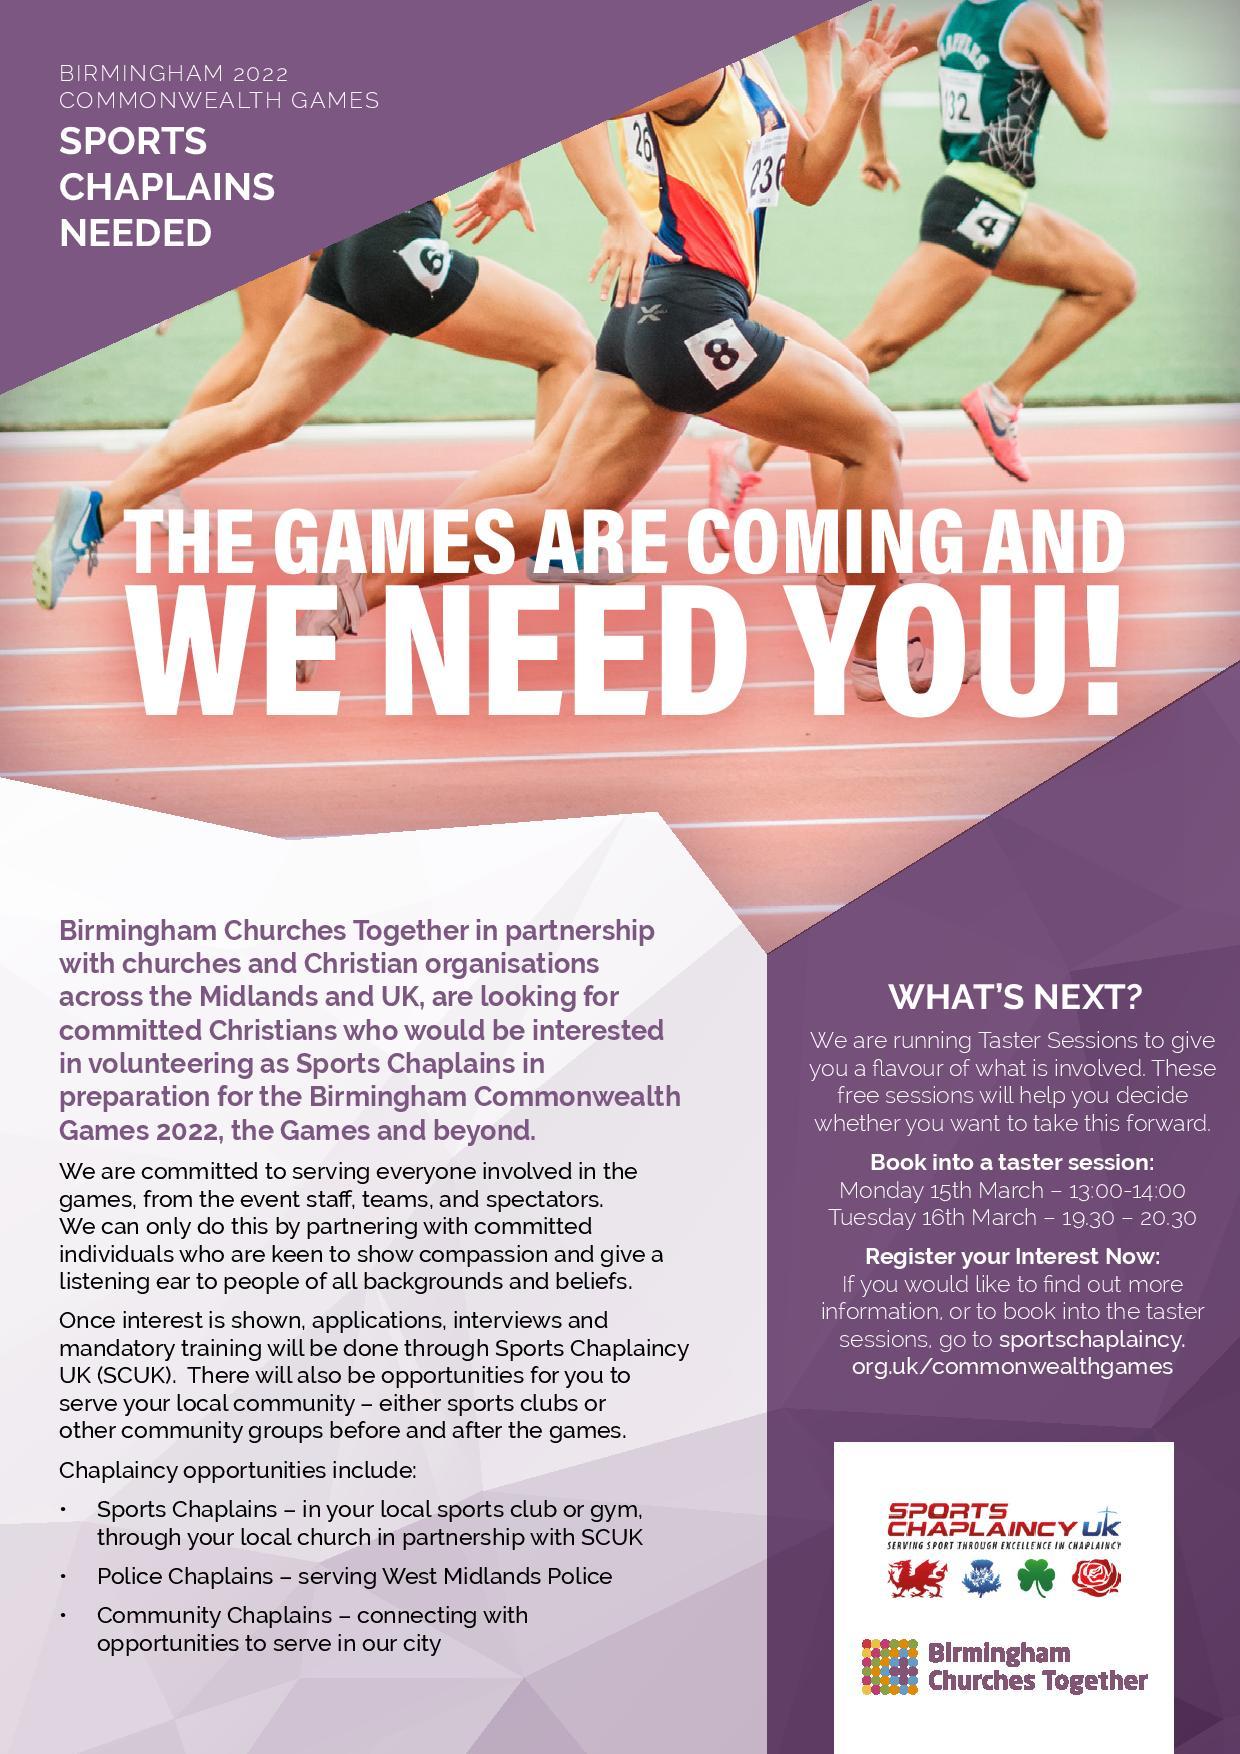 Sports-Chaplaincy-around-CWG-Birmingham-2022